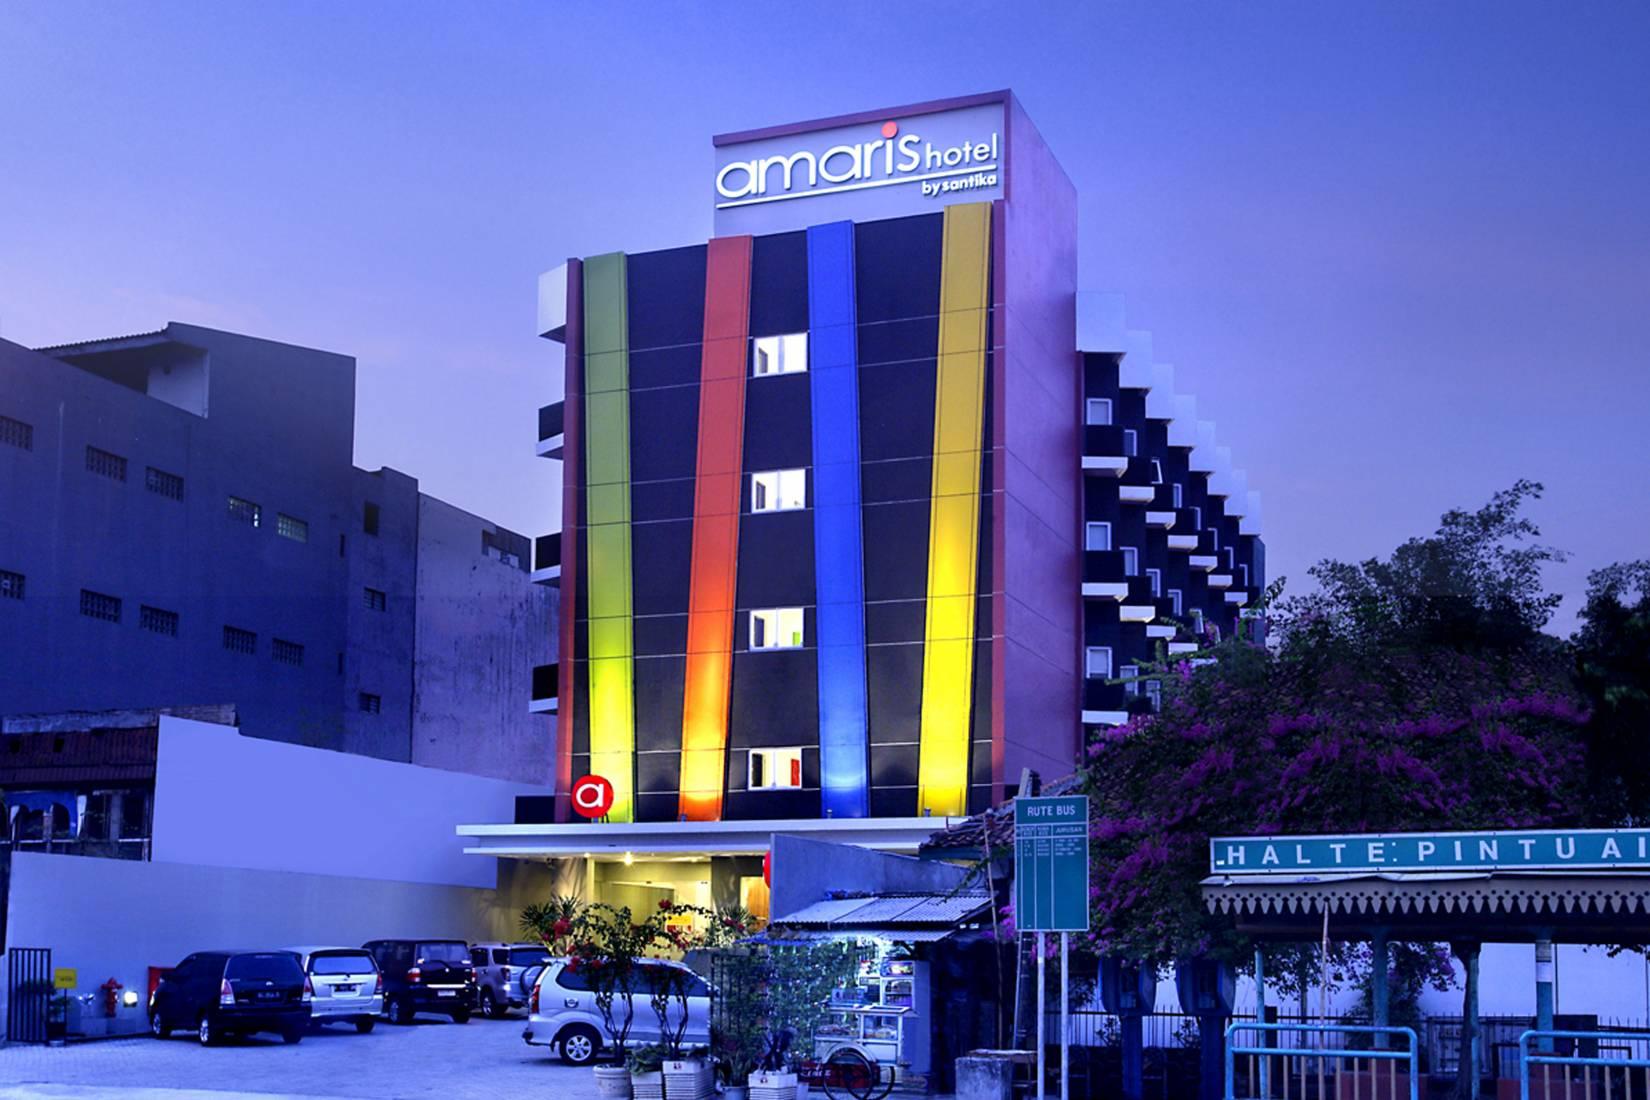 amaris hotel juanda official amaris hotel website rh amarishotel com